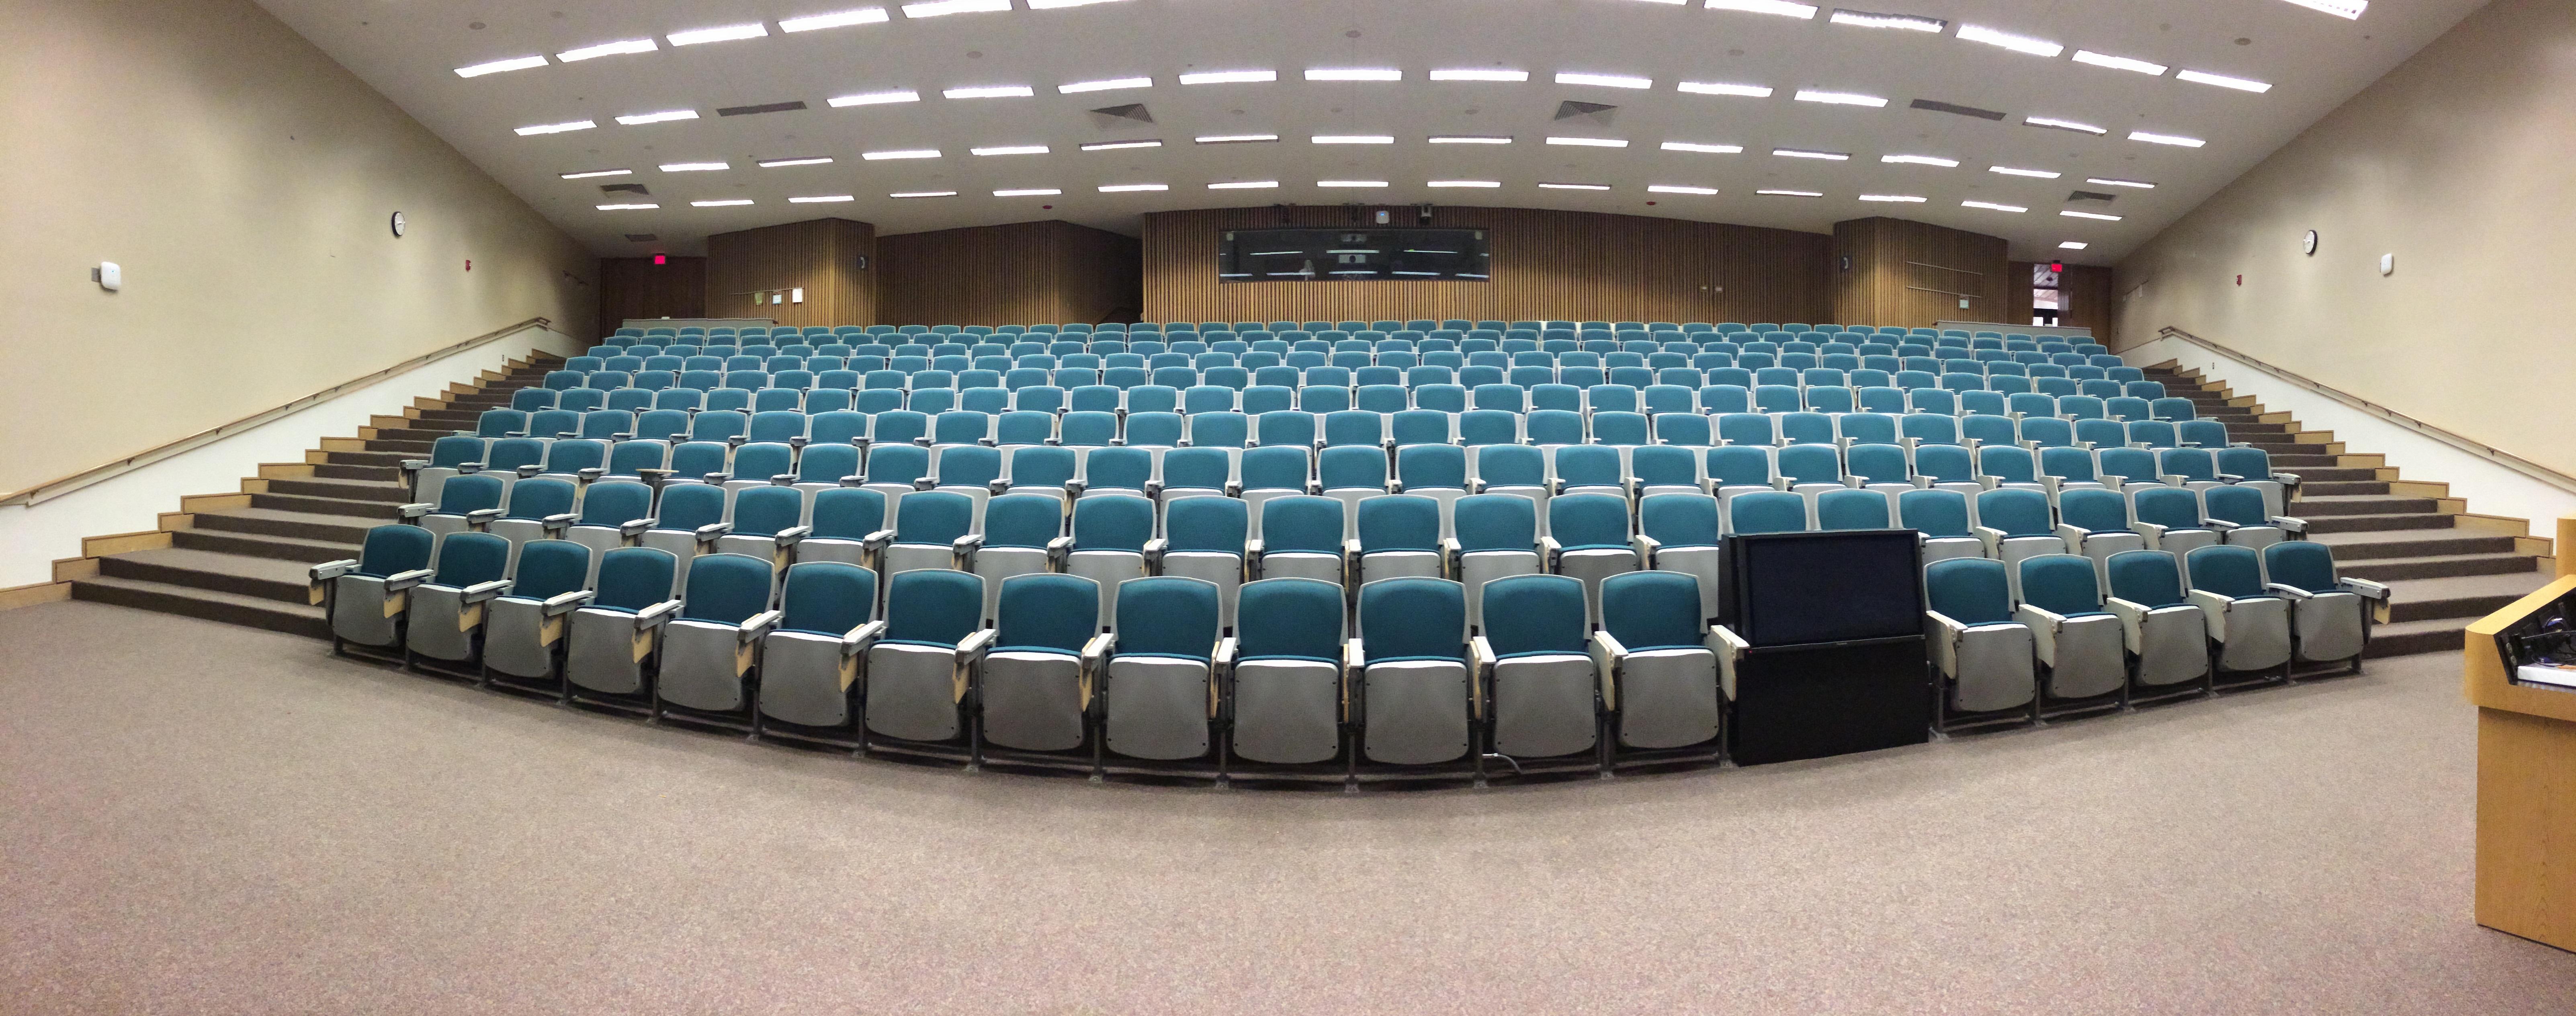 auditorium-572776